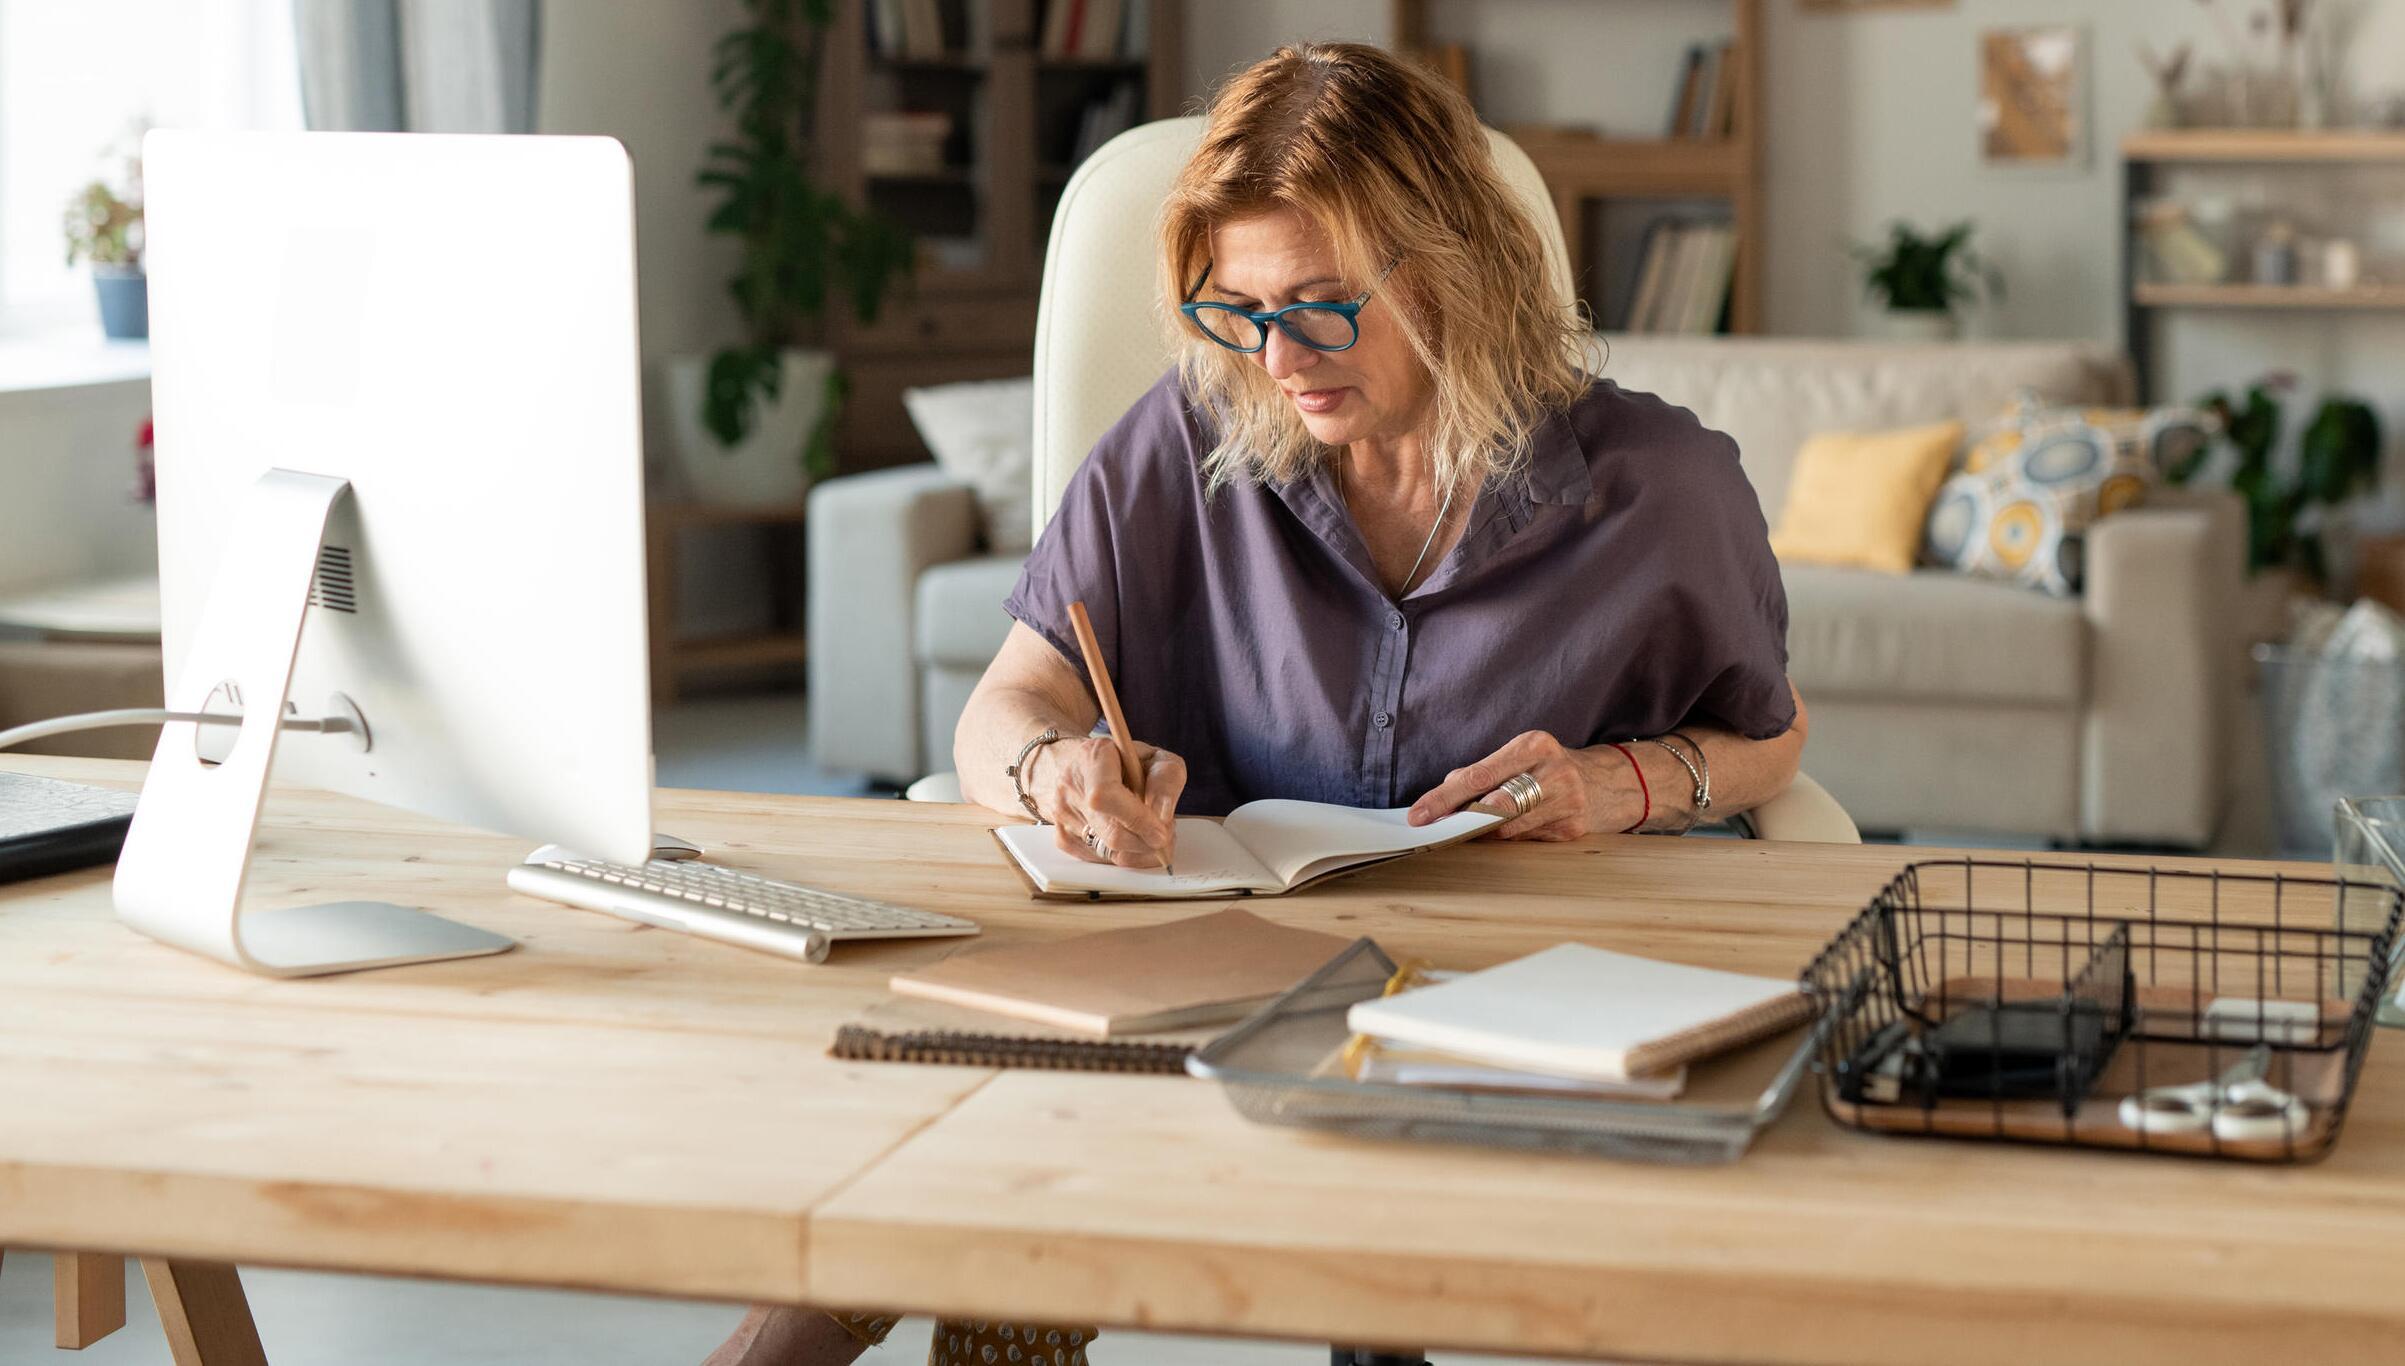 Bild zu homeoffice, büro, zuhause, corona, arbeiten, gadgets, heimarbeit, schreibtisch, arbeitsplatz